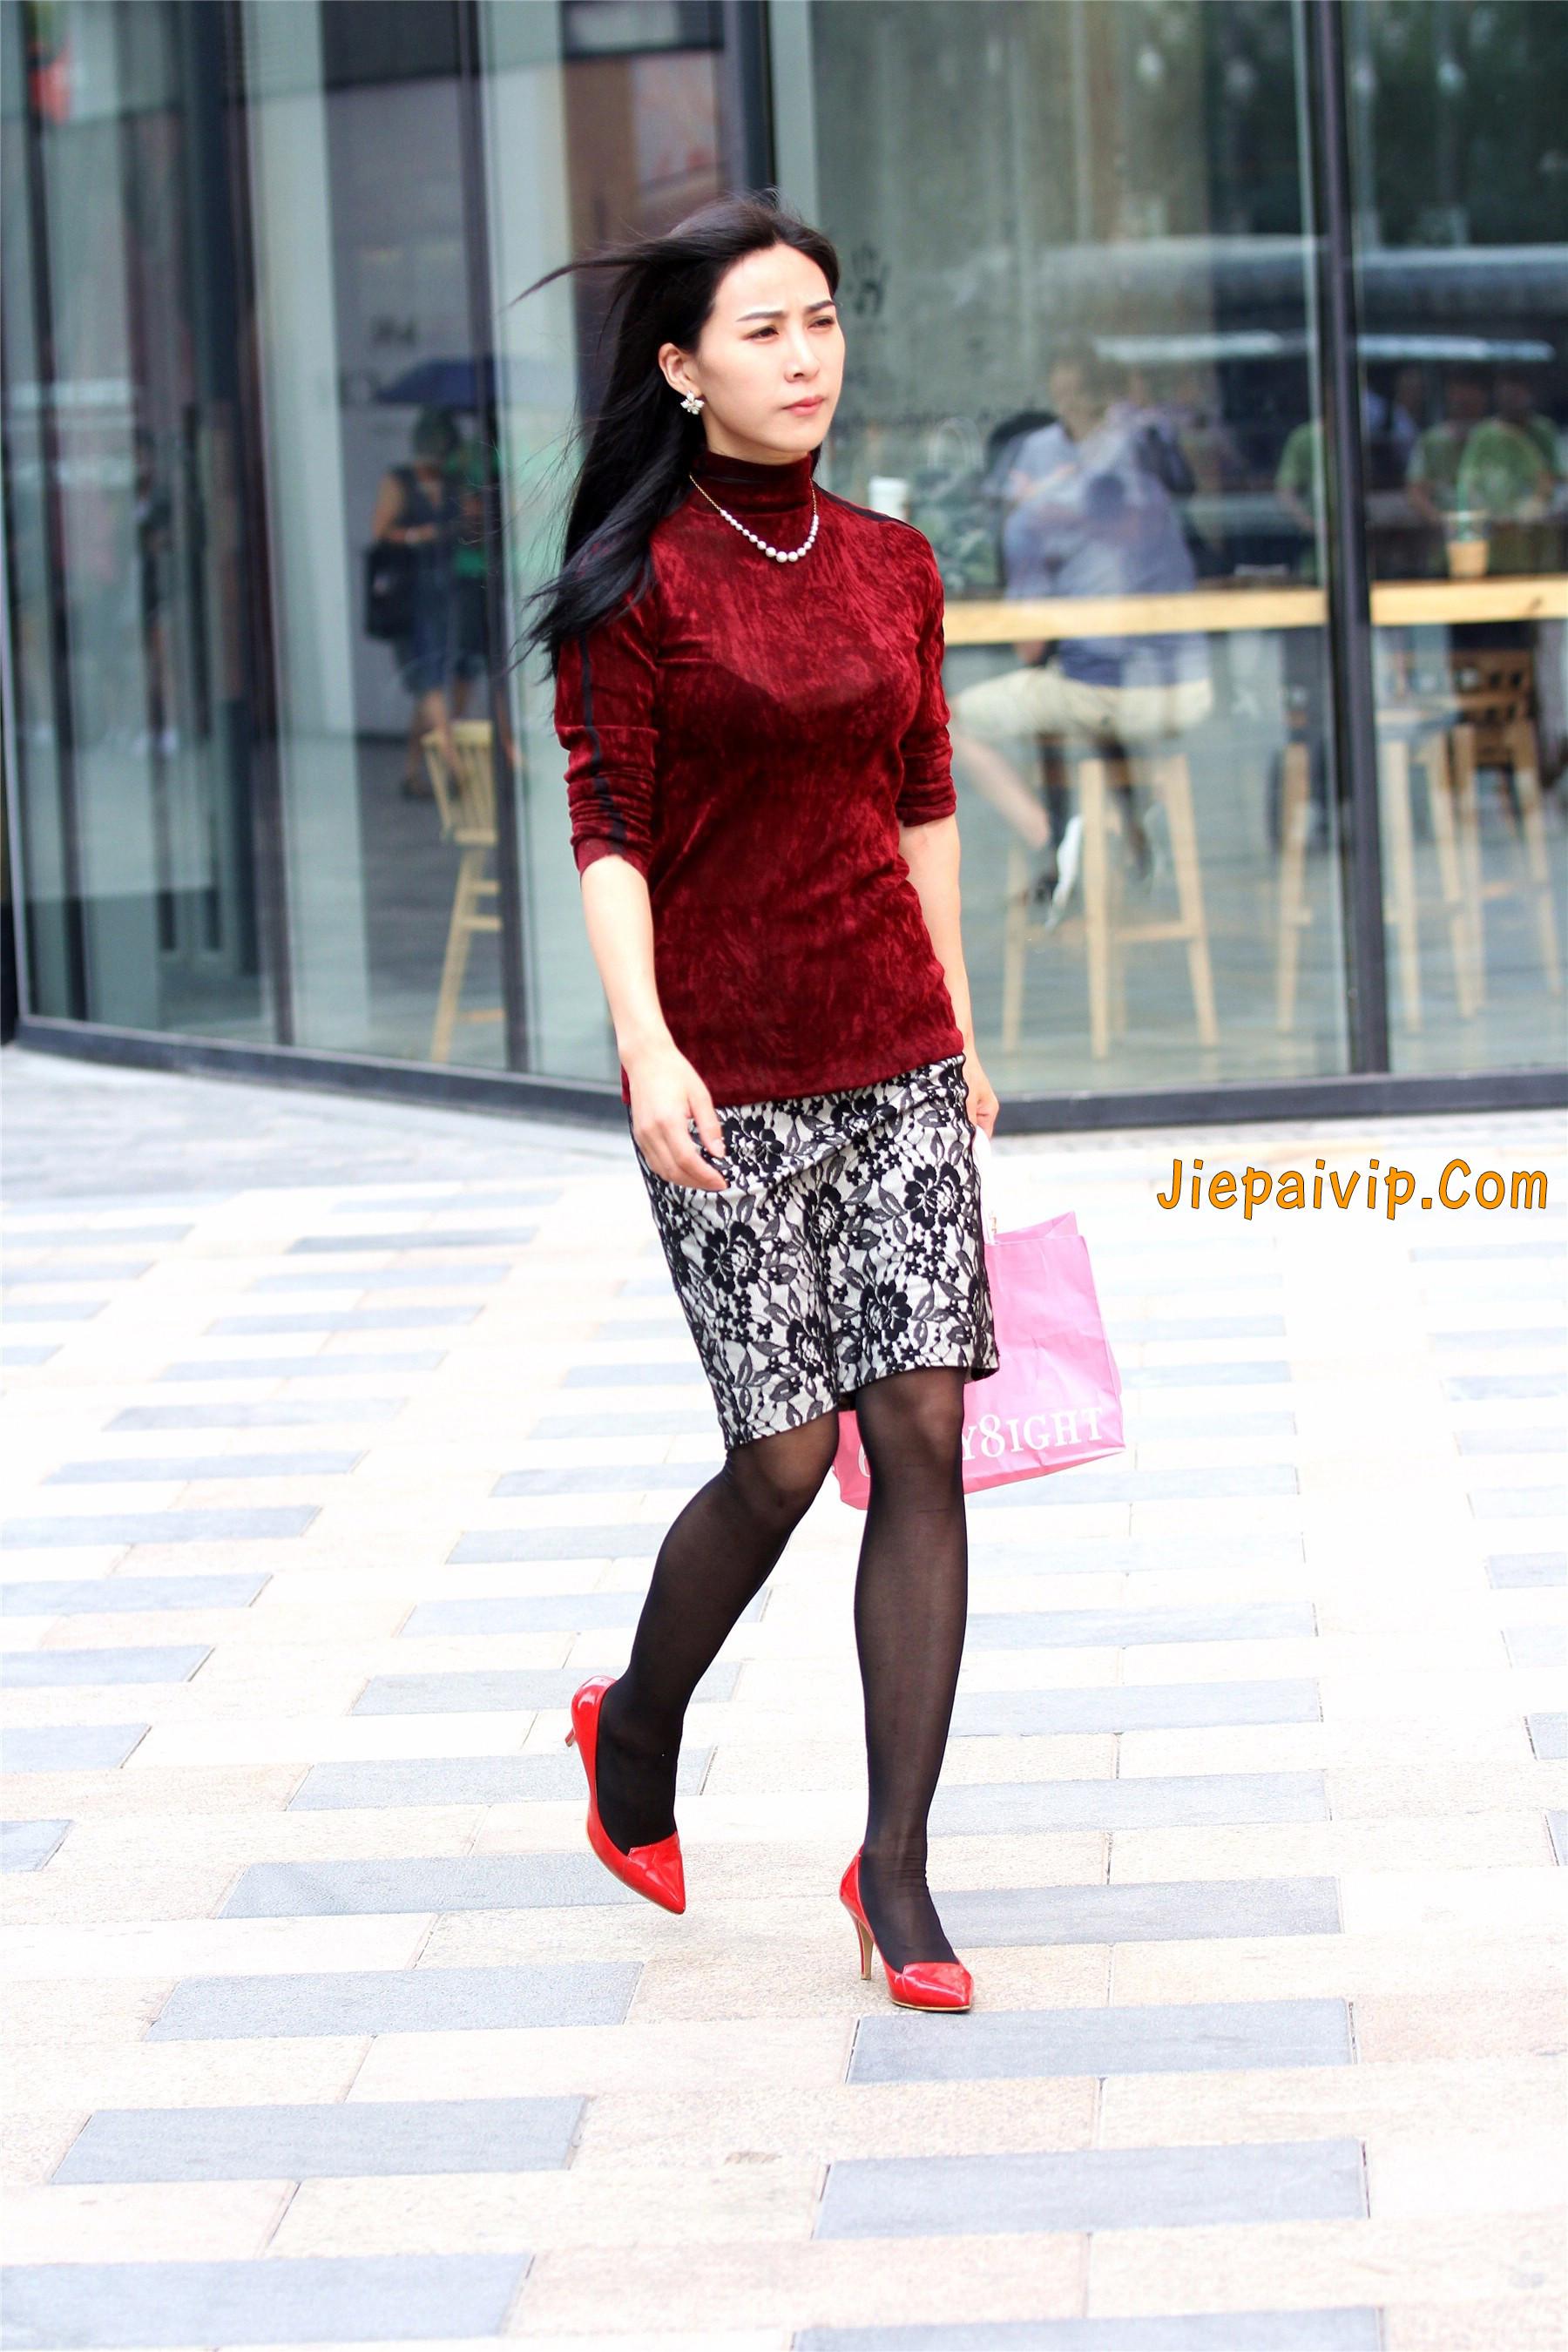 黑色丝袜红色高跟少妇4